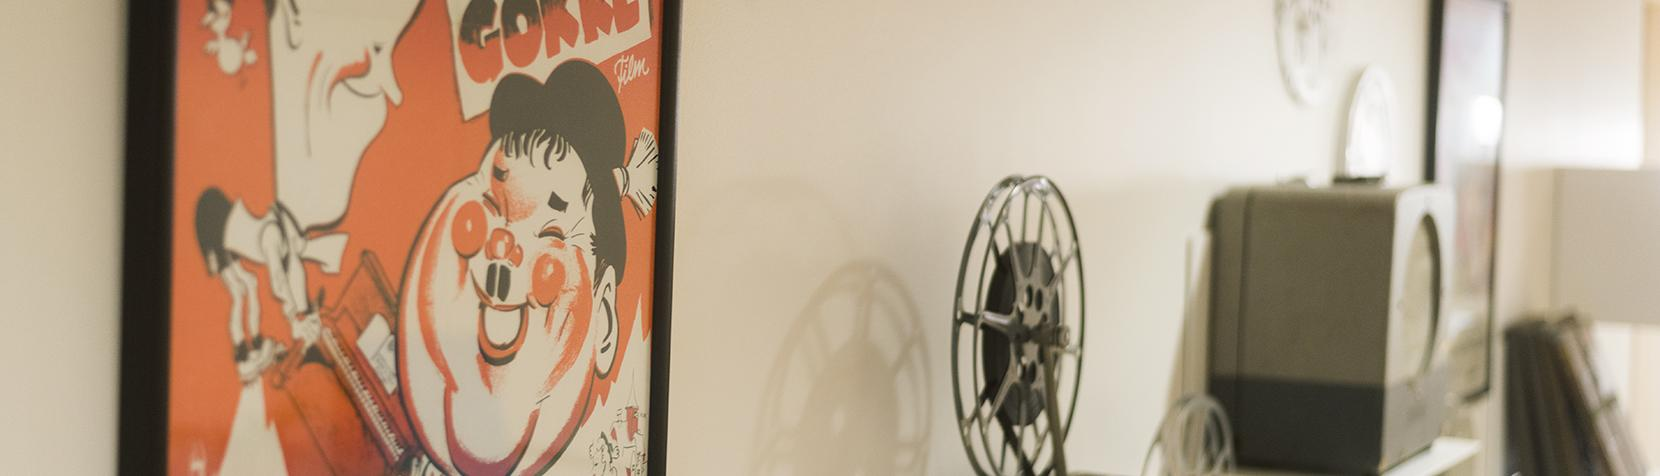 Filmplakat og gammeldags filmrulle